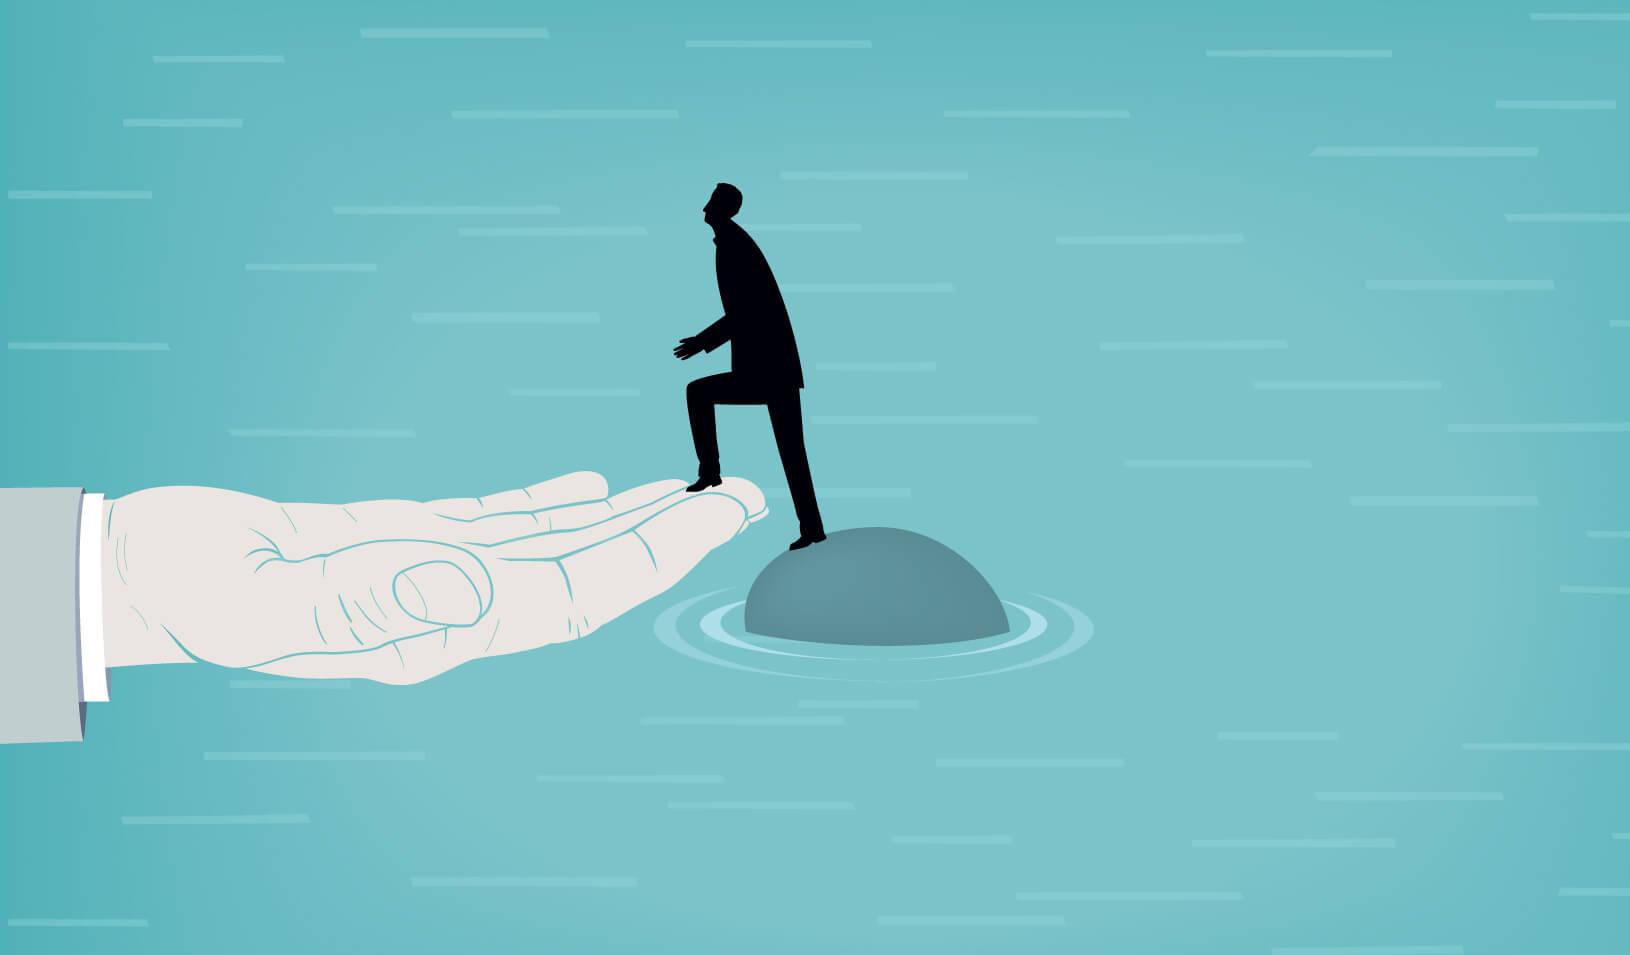 Le interferenze tra concordato preventivo e dichiarazione di fallimento